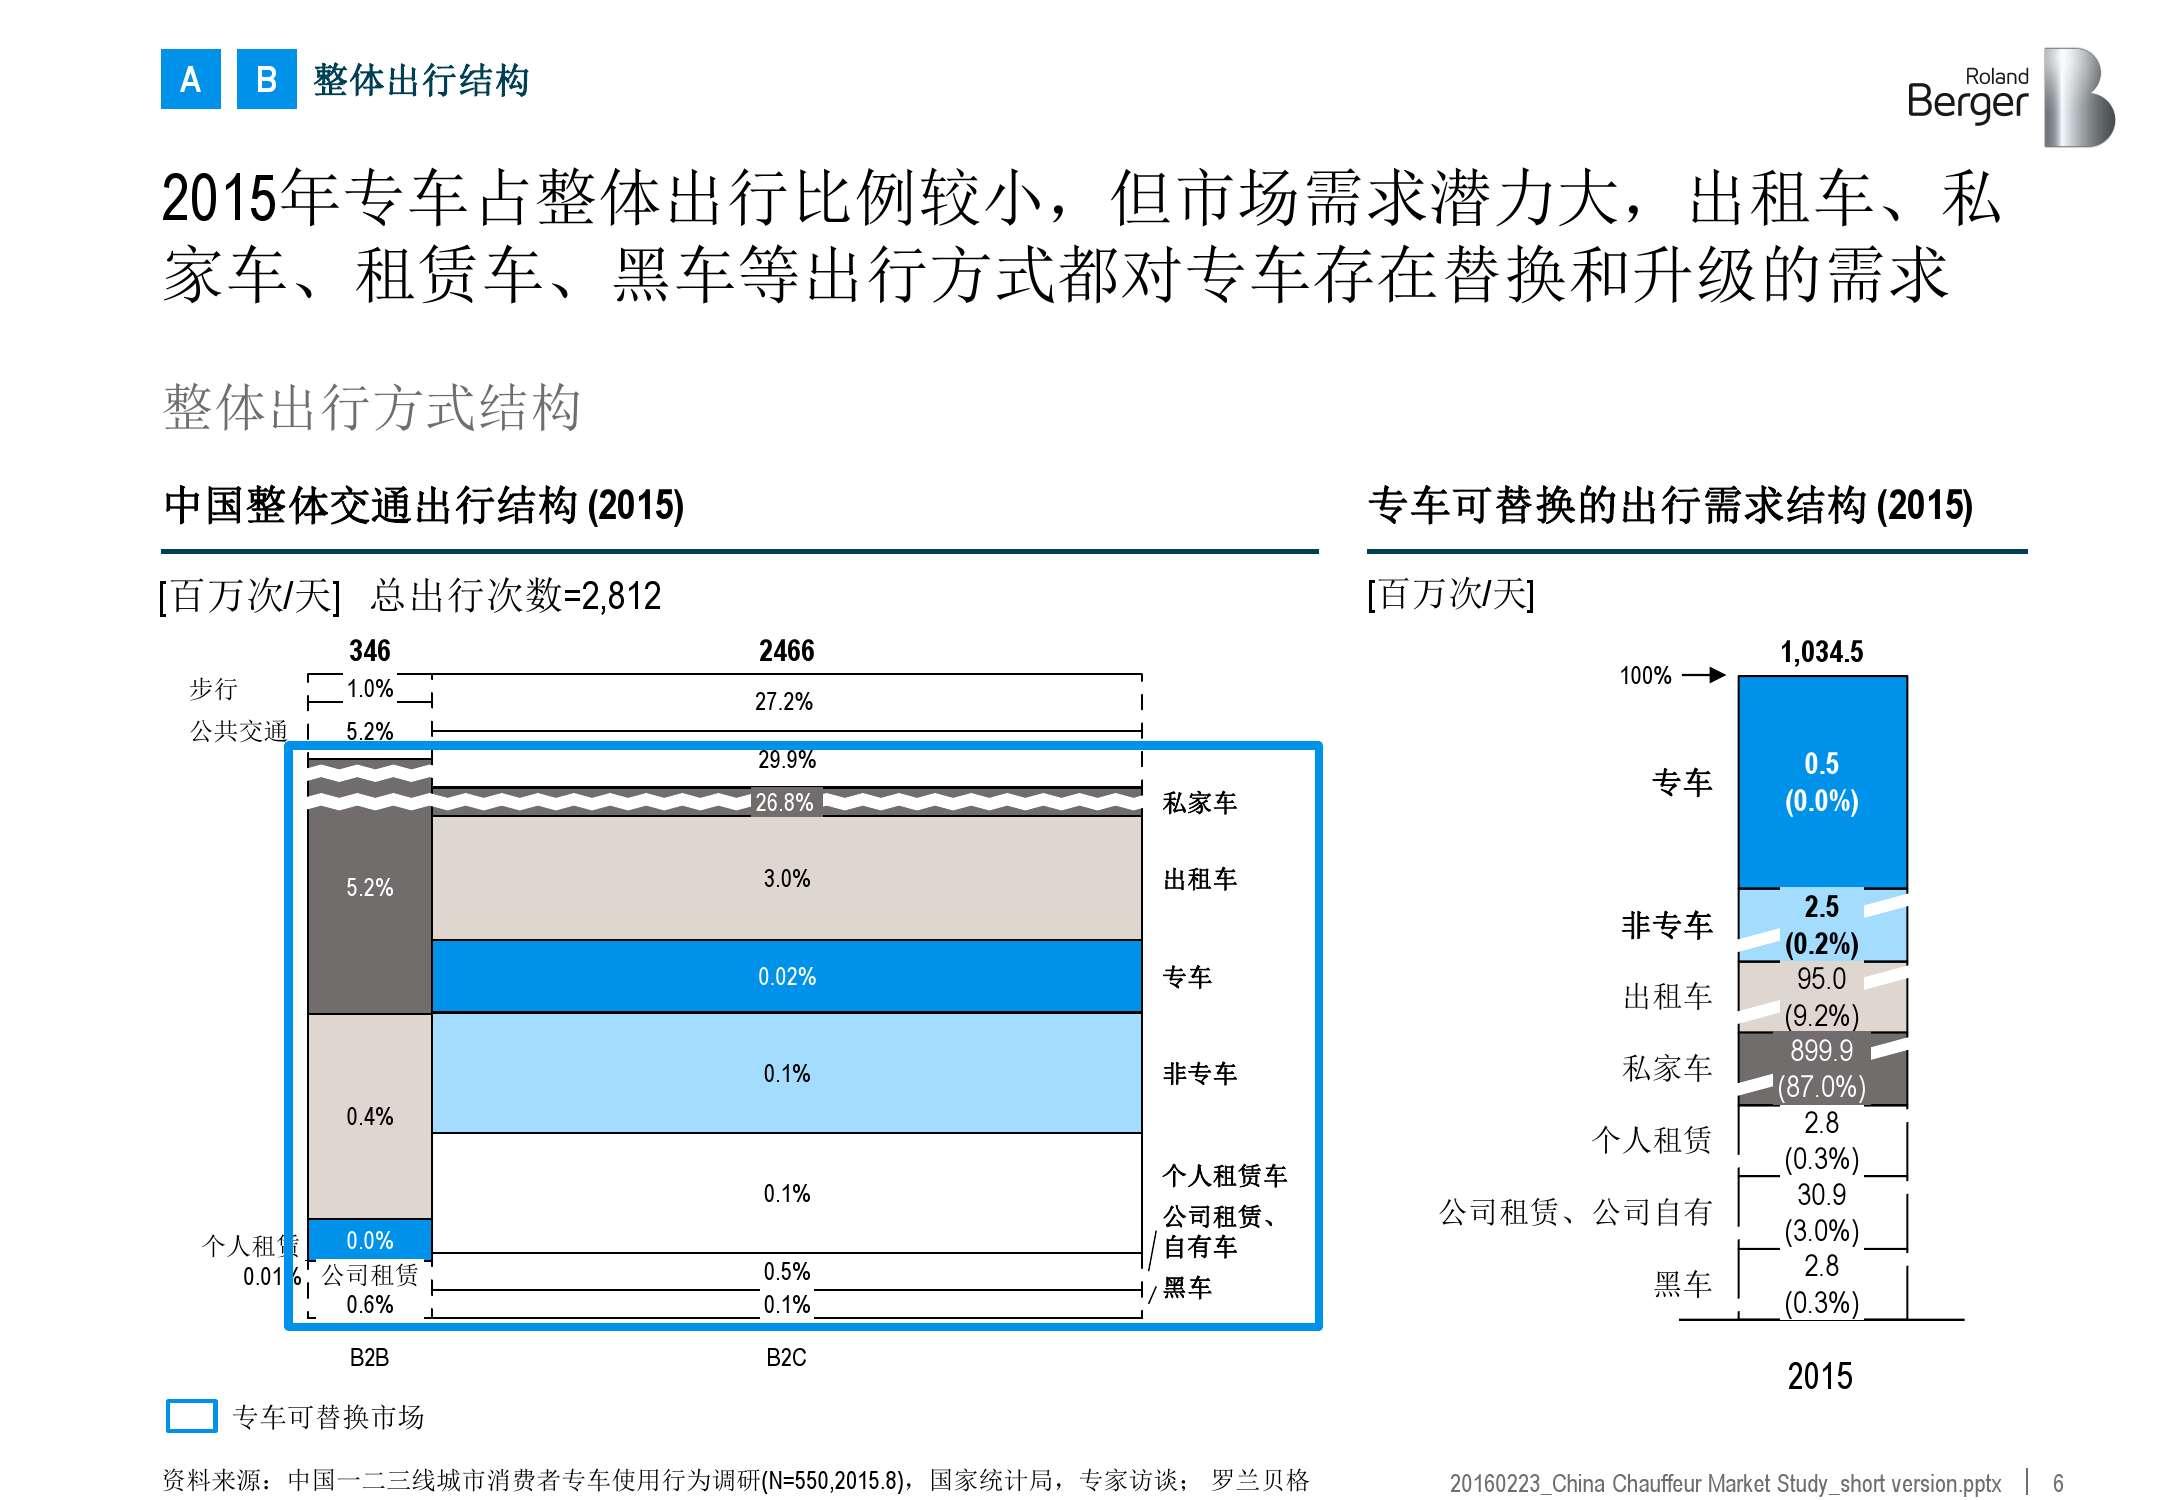 2016年中国专车市场分析报告_000006